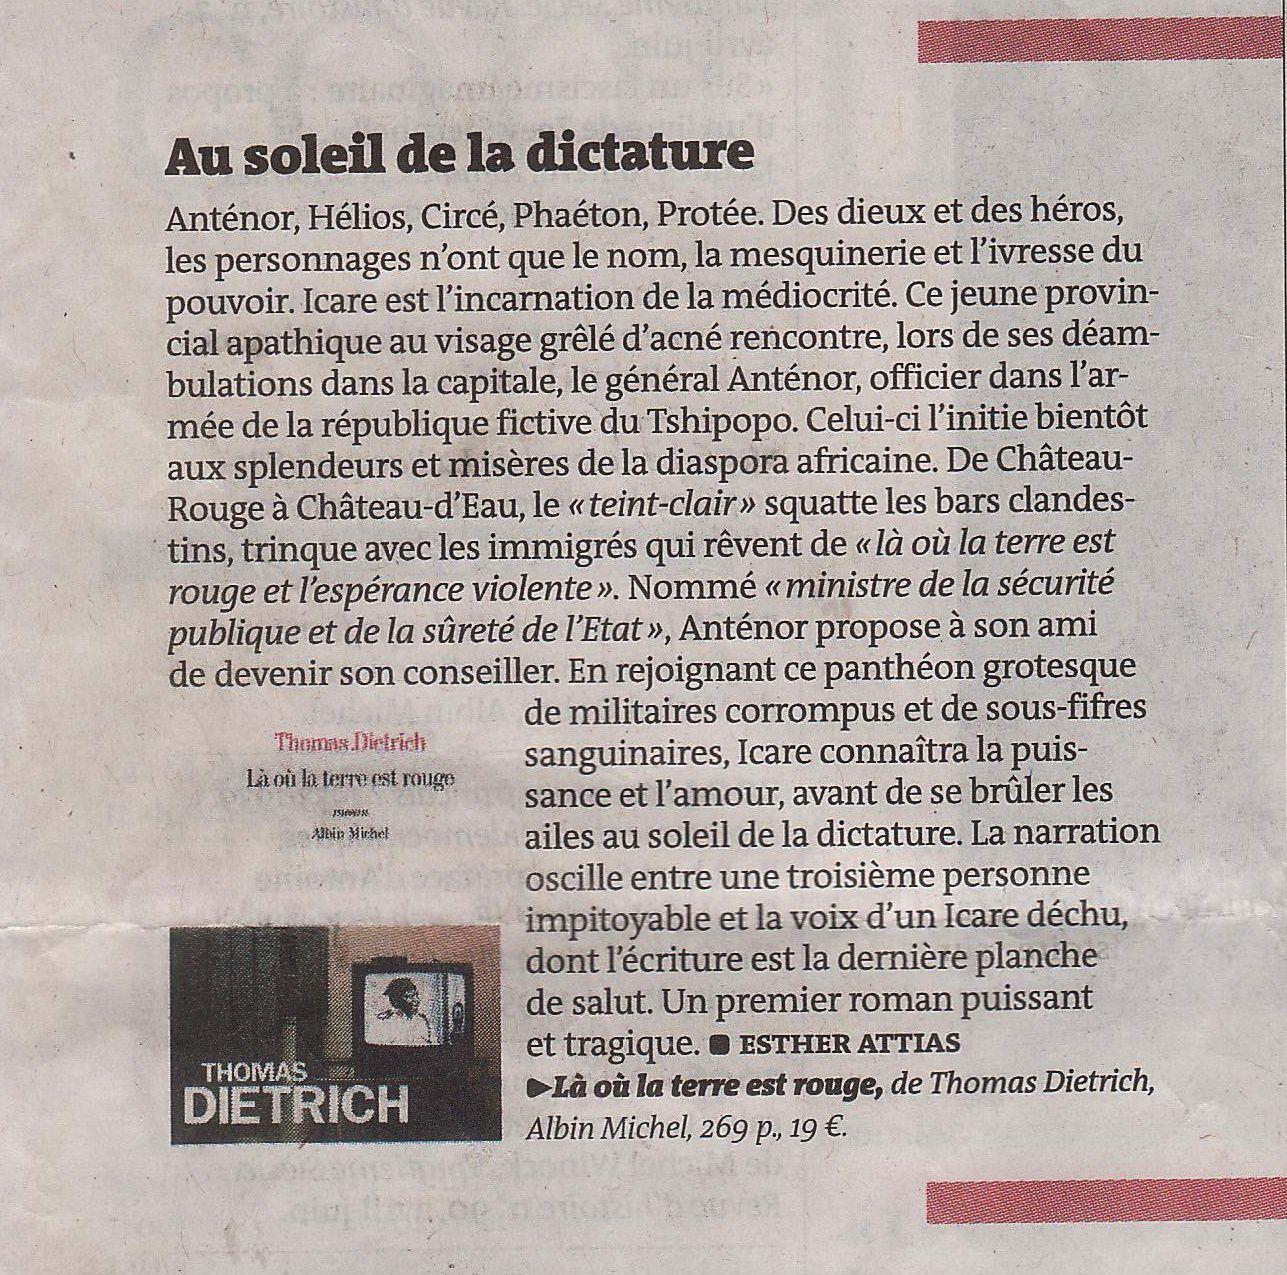 « Là où la terre est rouge » : nouvelle consécration de l'écrivain Thomas DIETRICH dans Le Monde